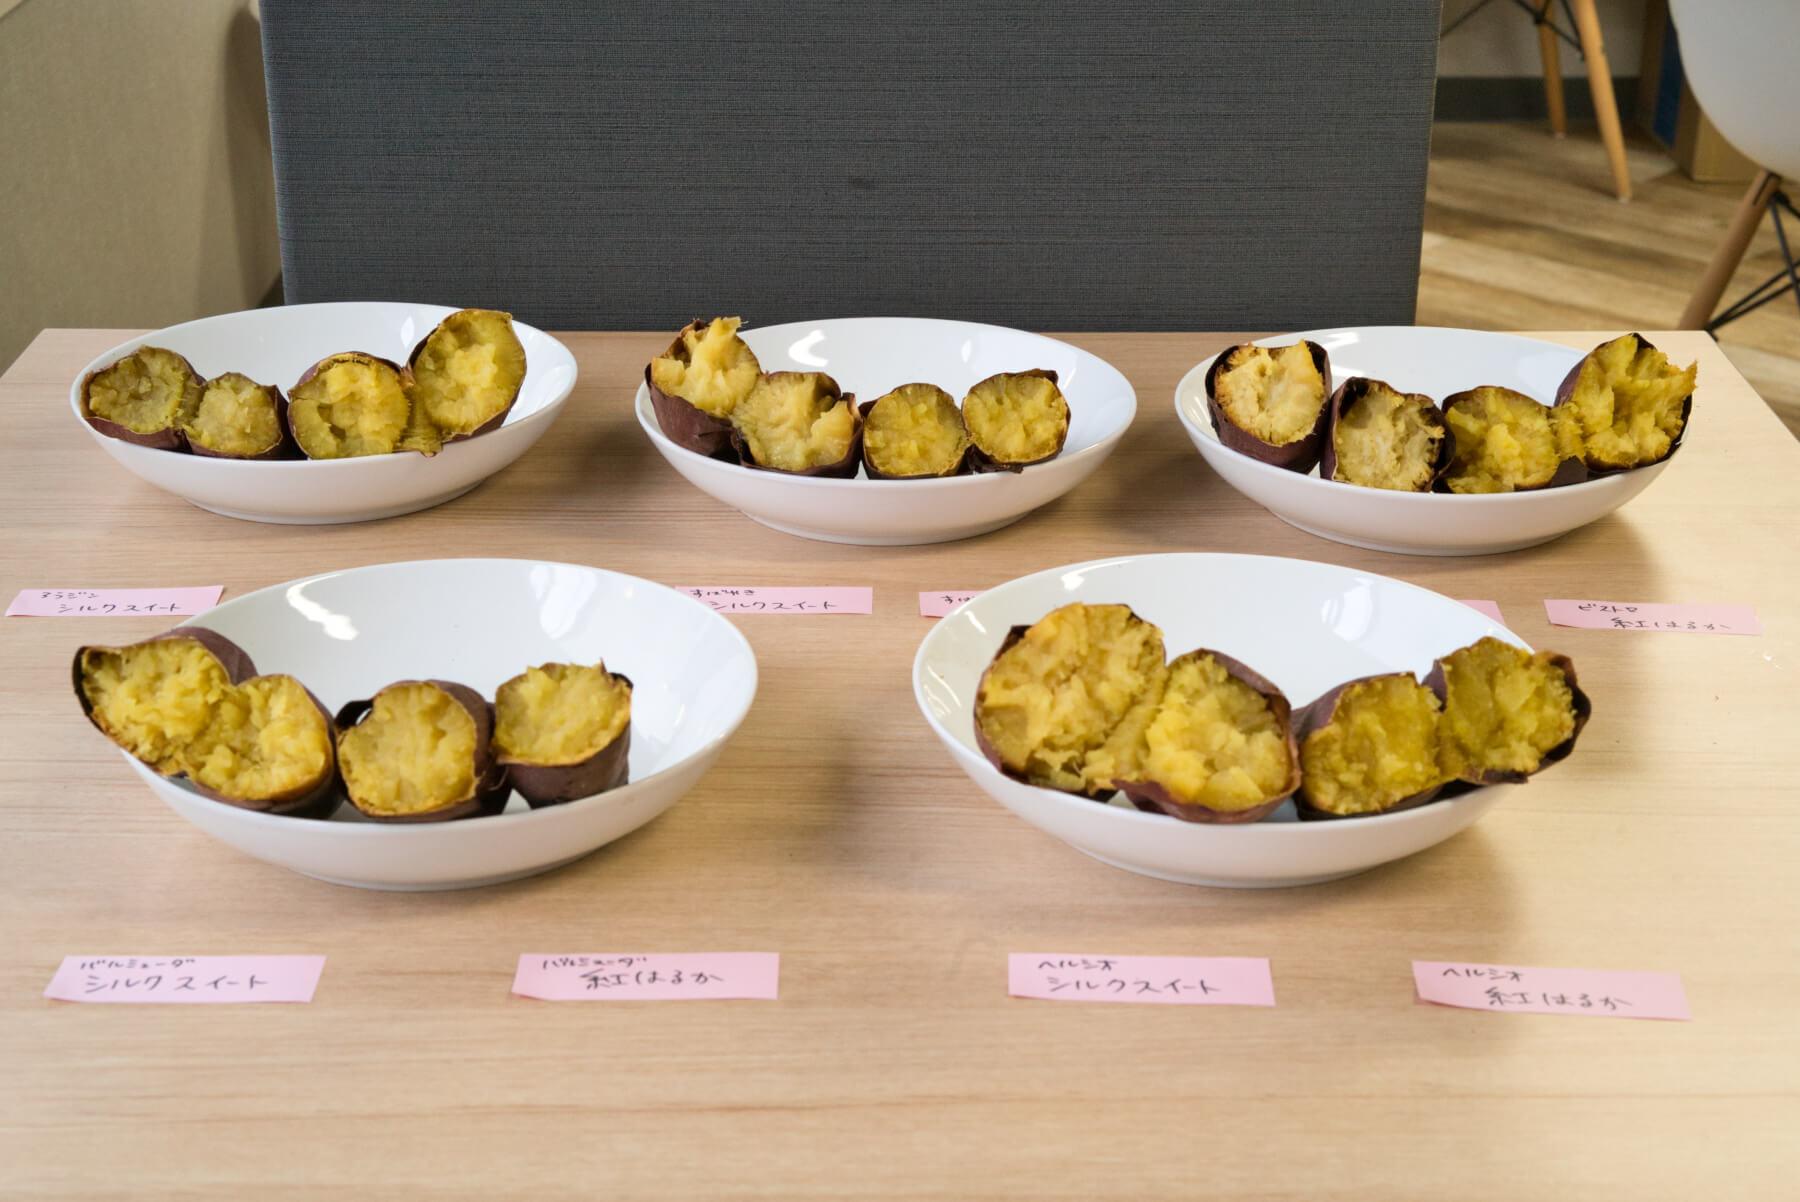 5種類の人気オーブントースターで焼き芋作り検証 約1時間後…すべての焼き芋が完成! 焼き芋断面